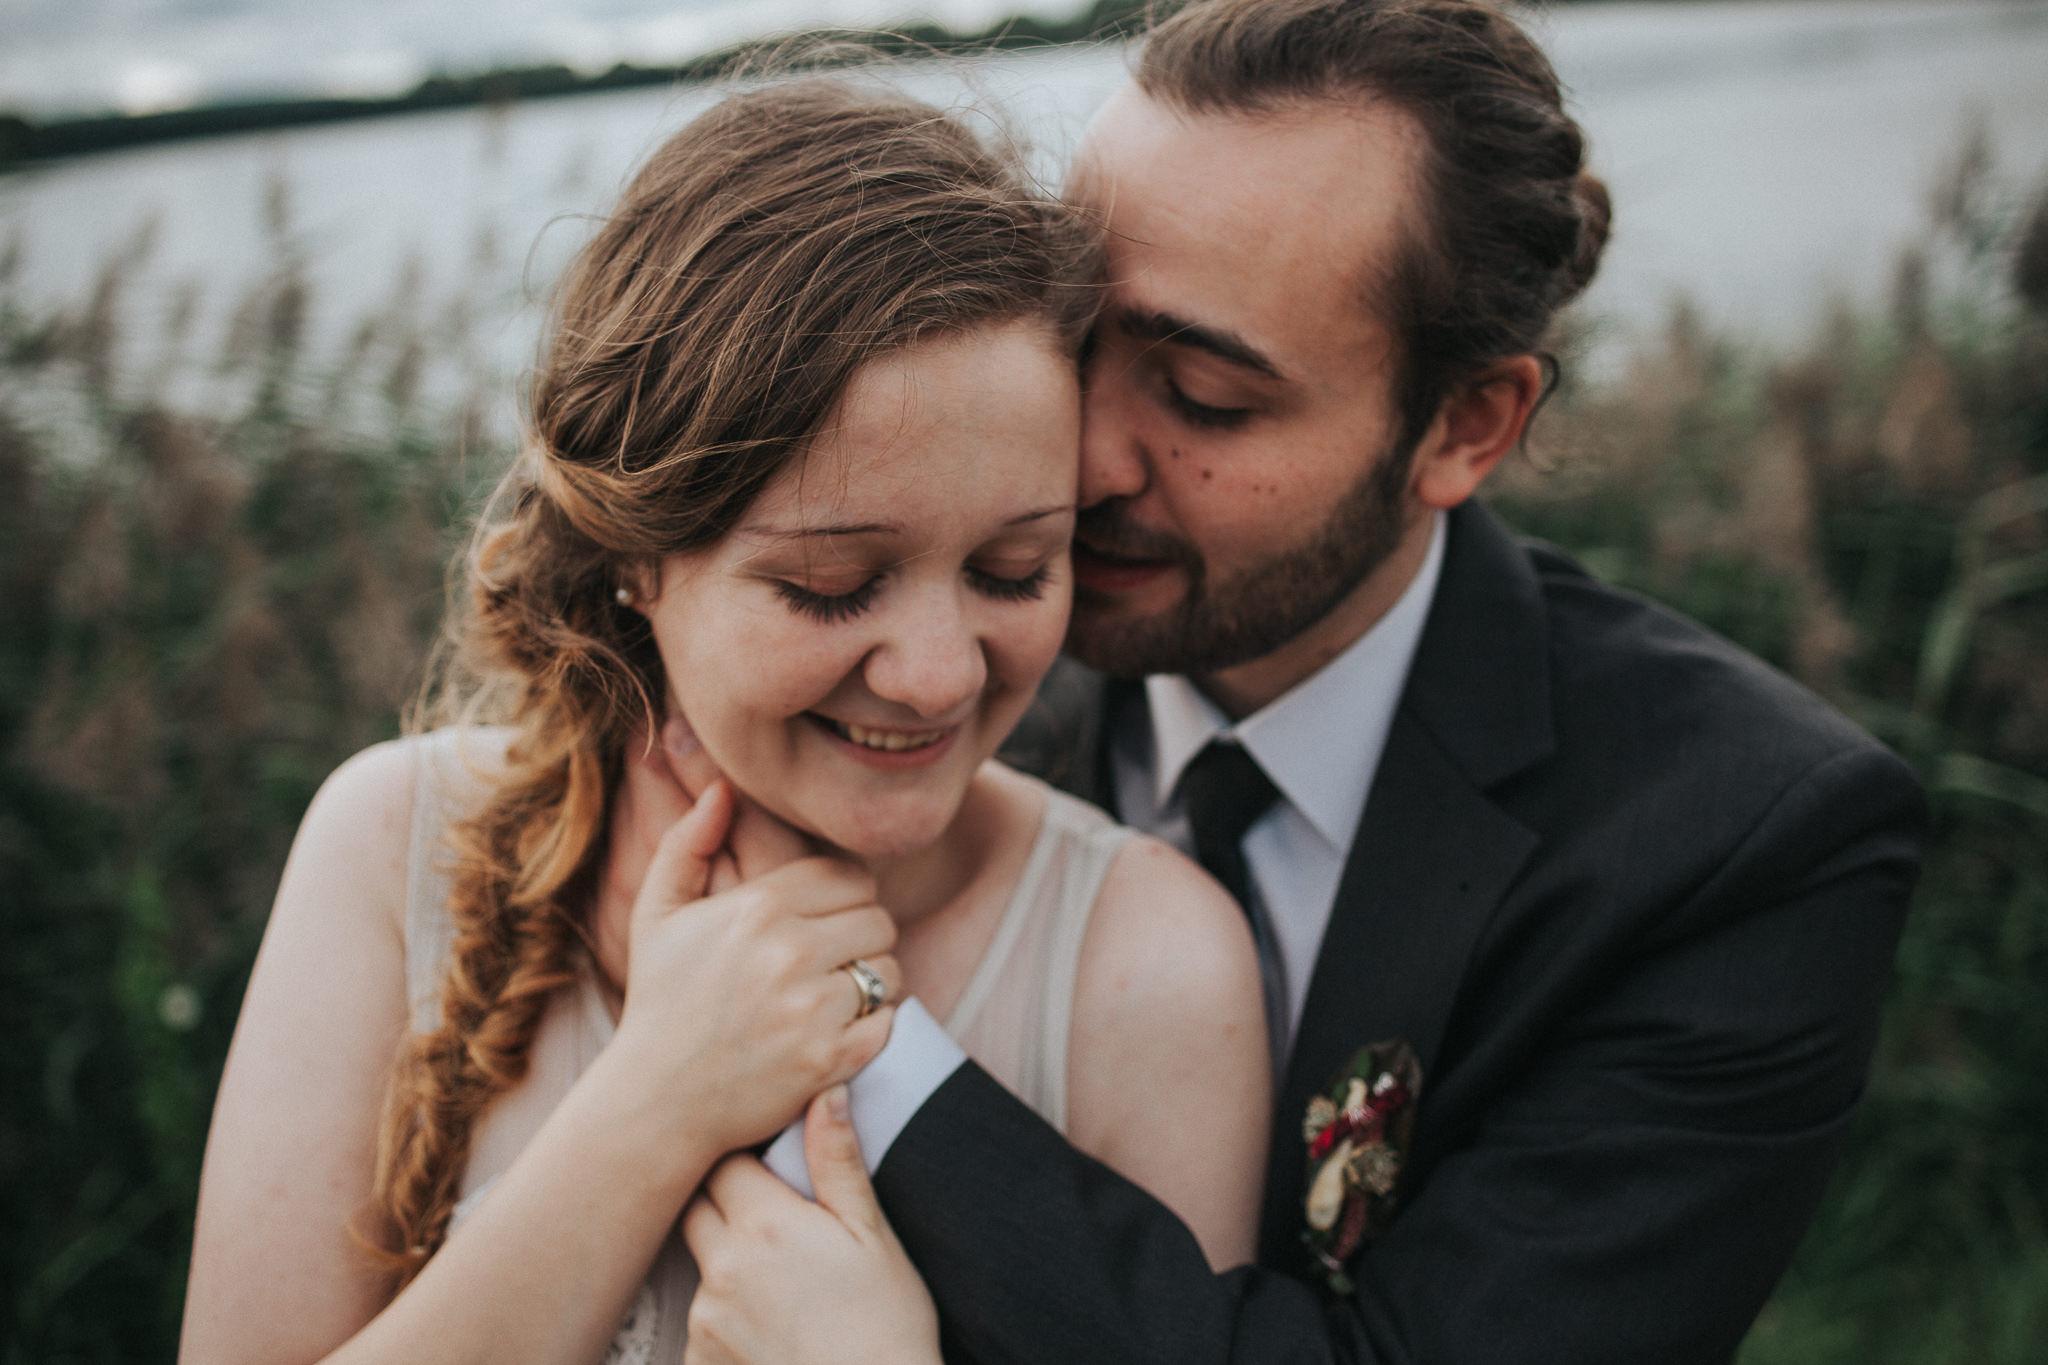 Braut und Bräutigam lächeln glücklich